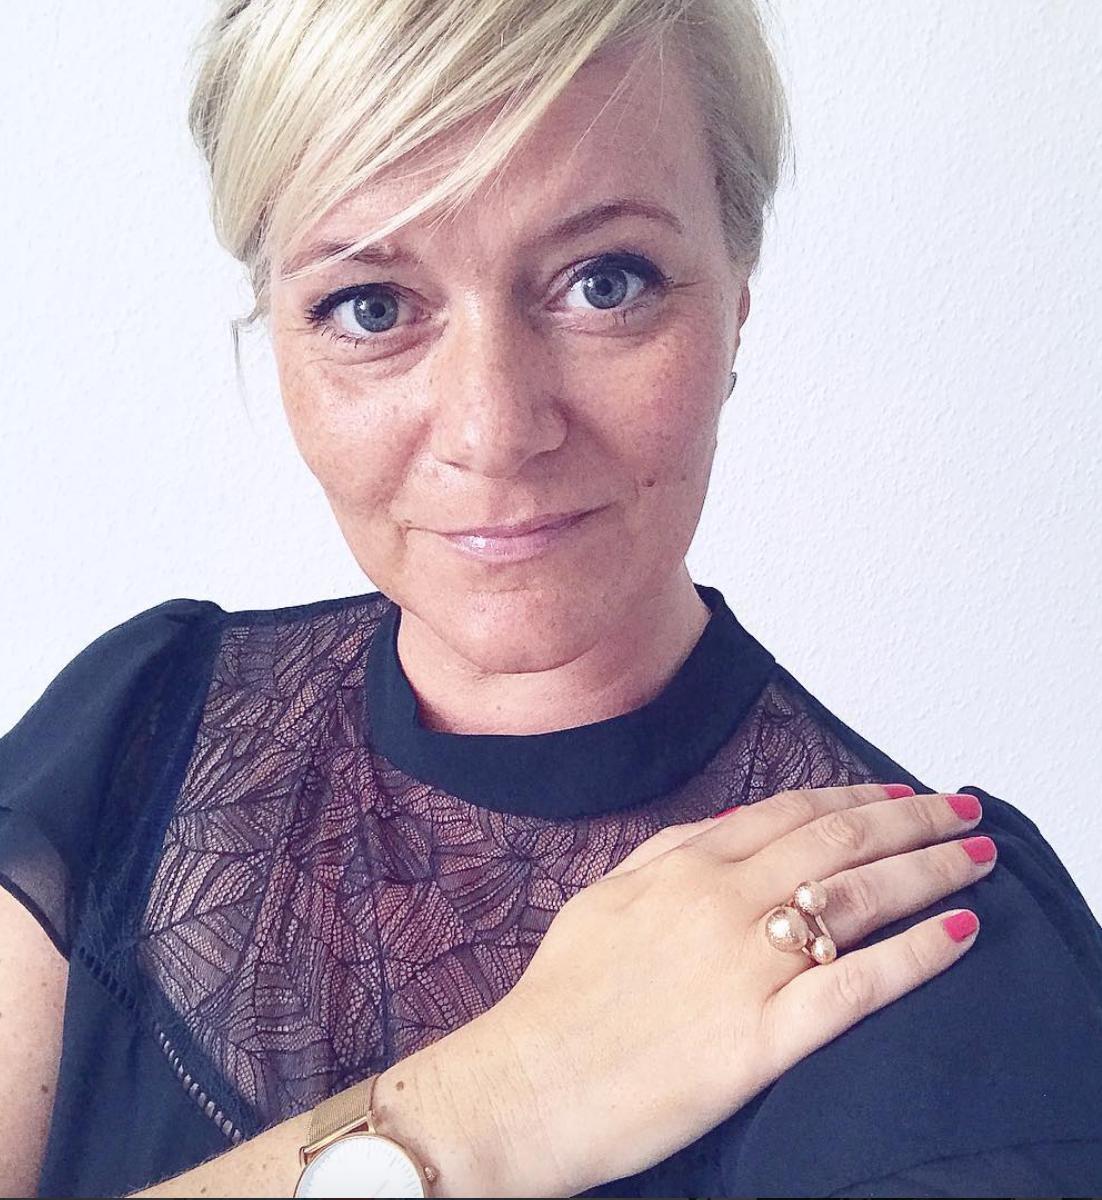 Andrea vom Blog Dreiraumhaus zu Gast im Beautyinterview der Schminktante.